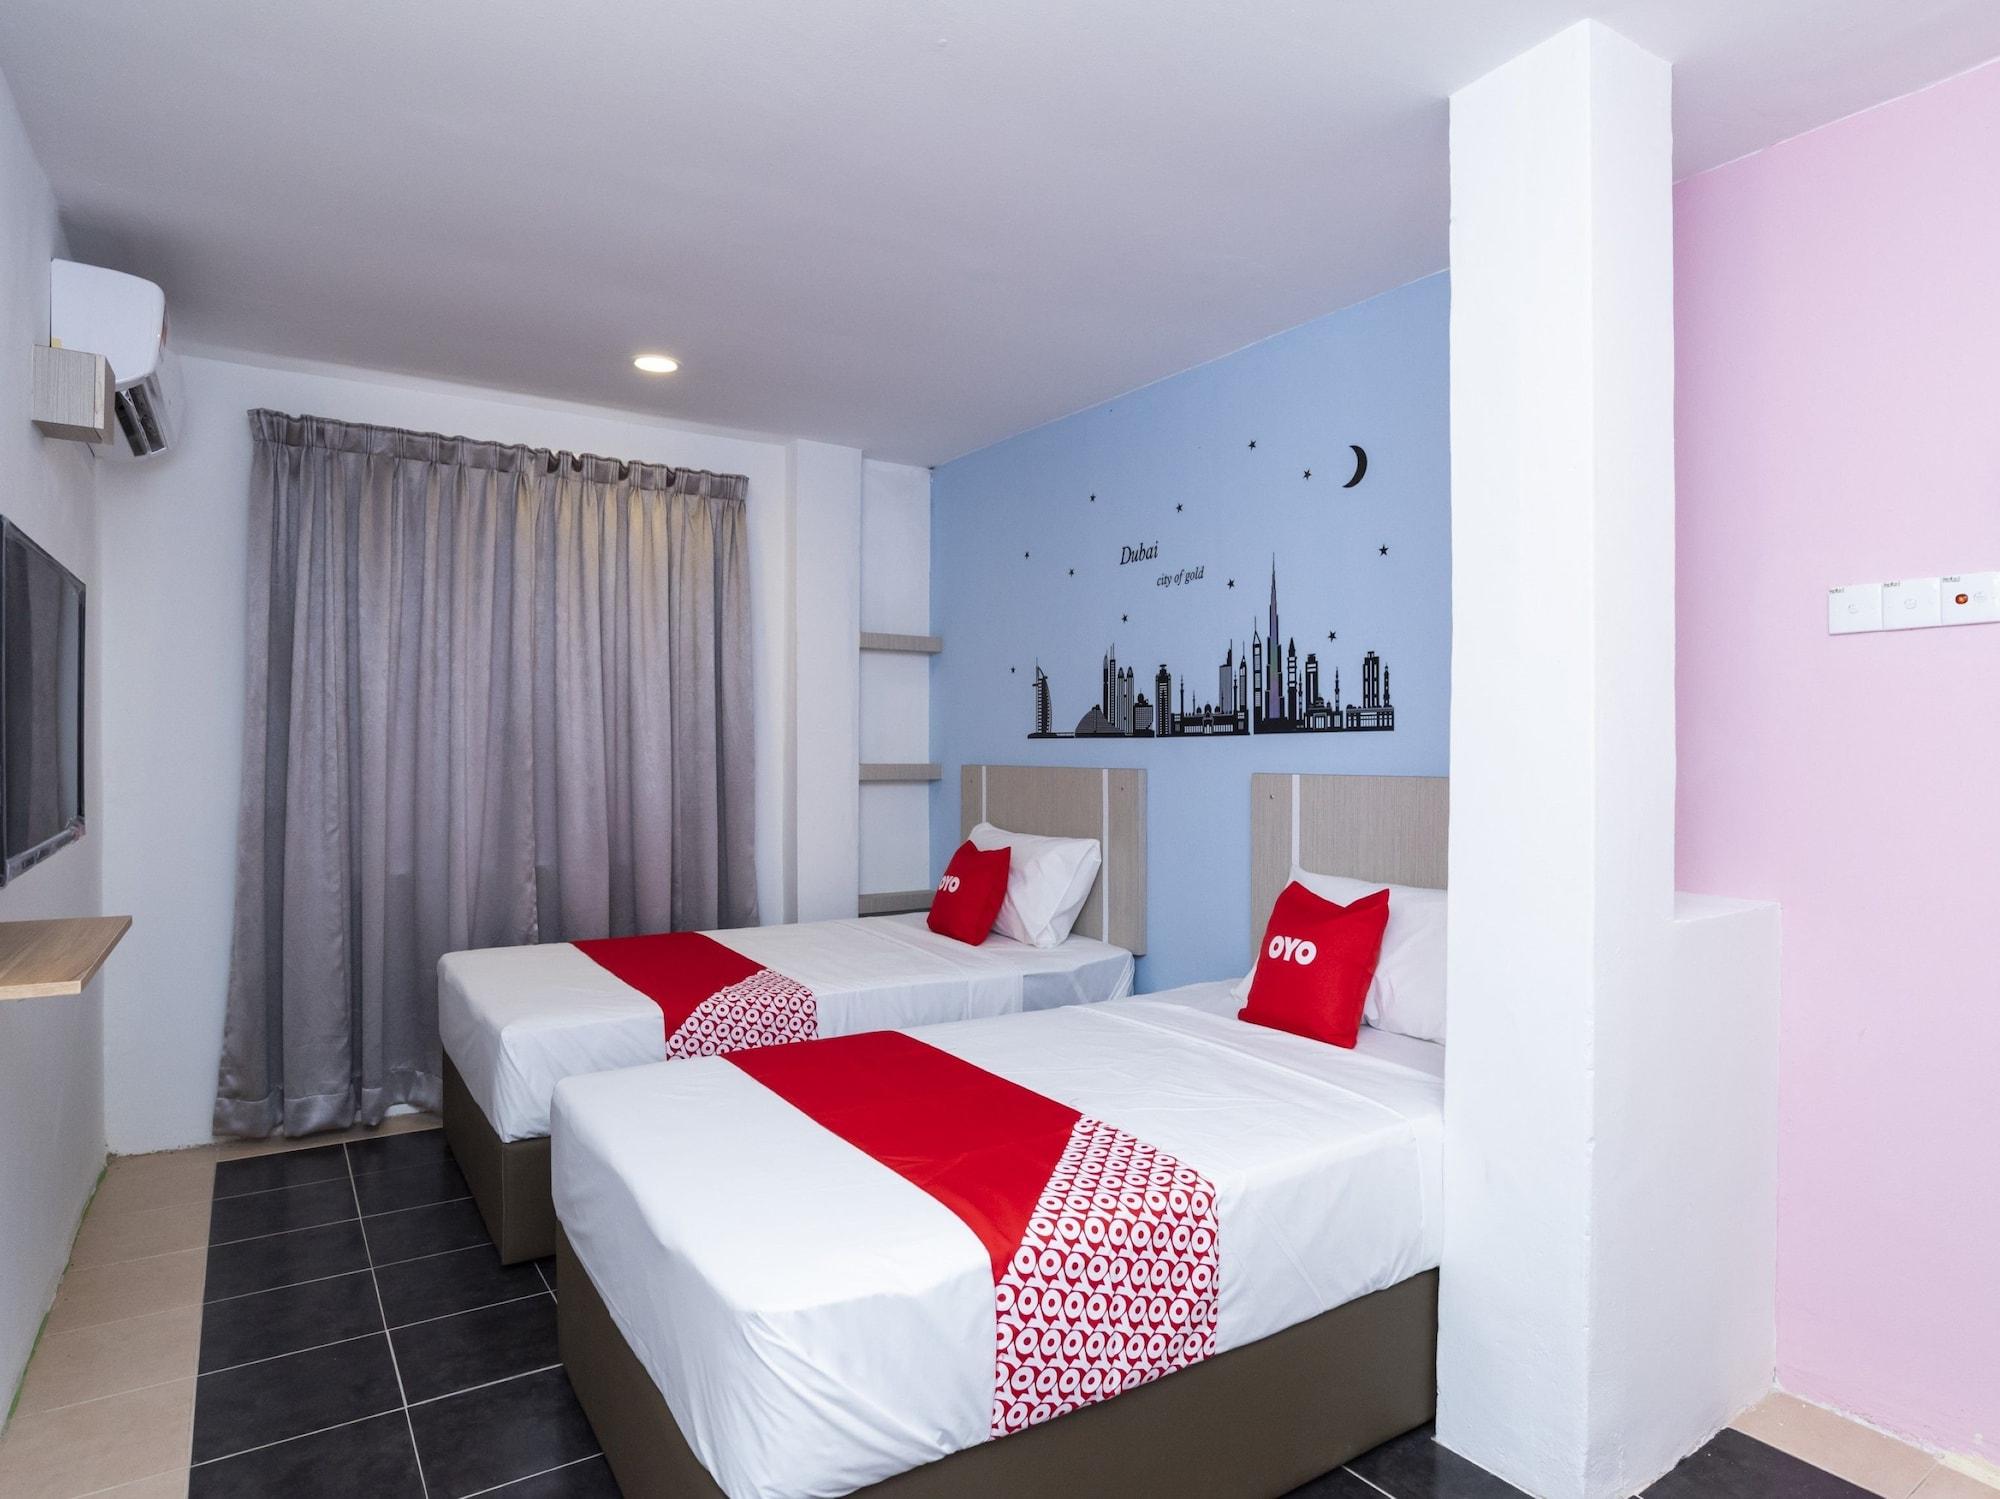 OYO 44108 GOOD 2 STAY HOTEL, Kota Melaka